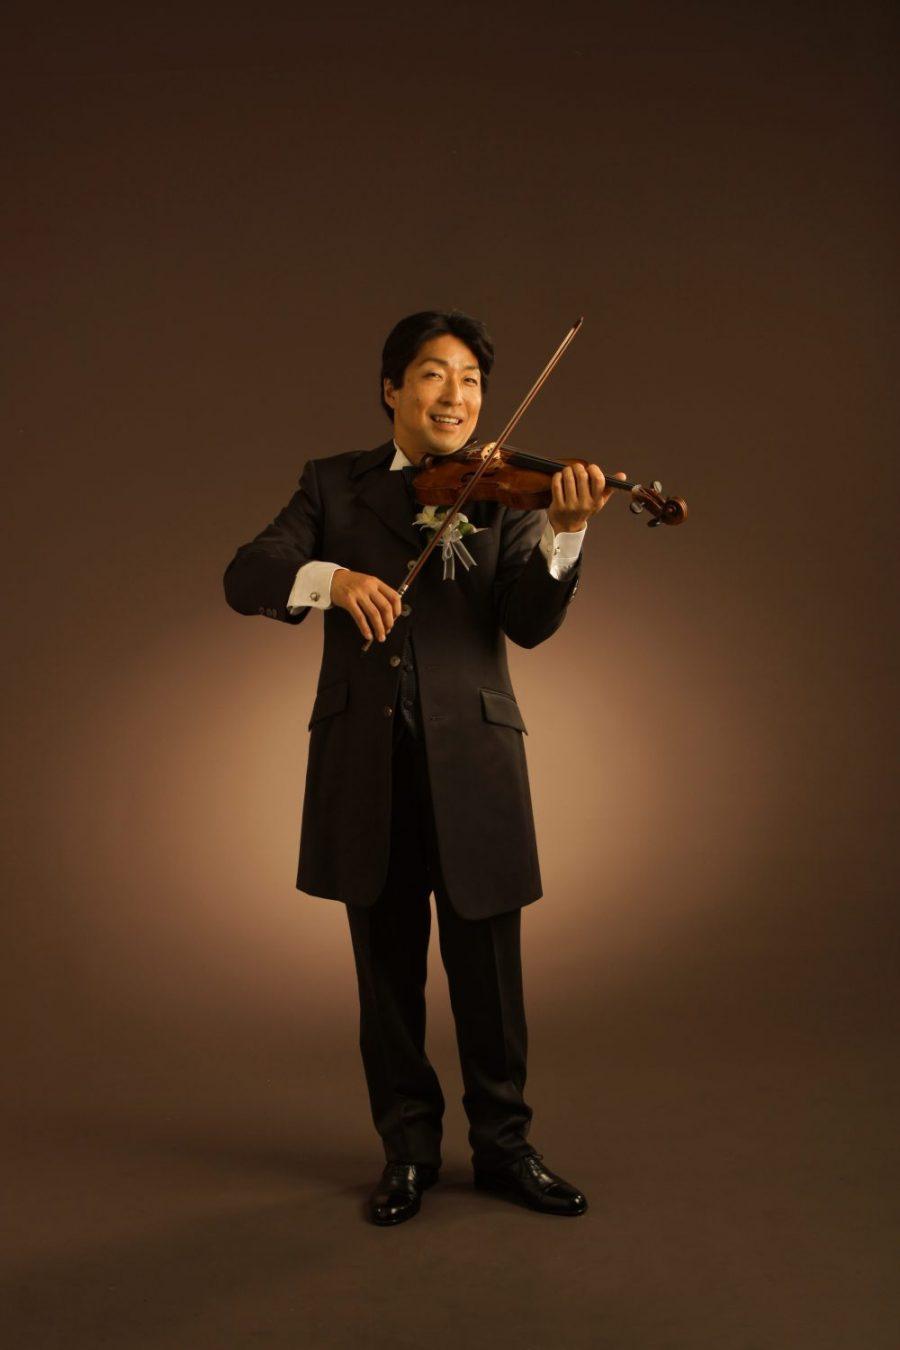 アルテベルロビーコンサート ヴァイオリンコンサート